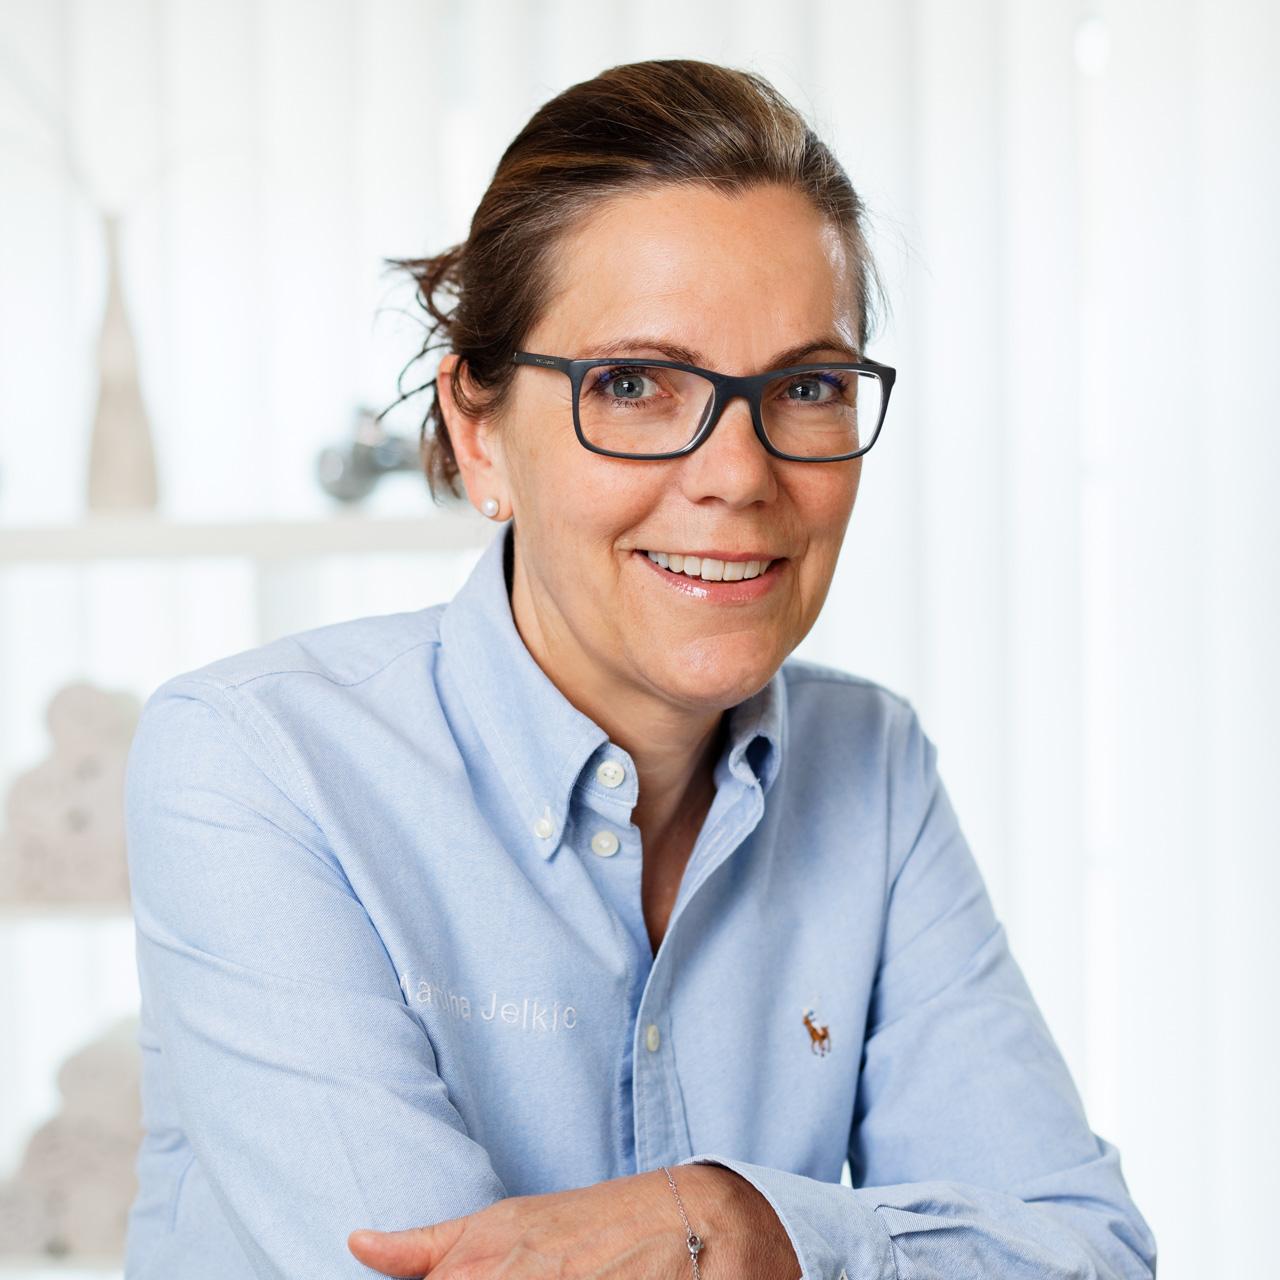 Martina Jelkic